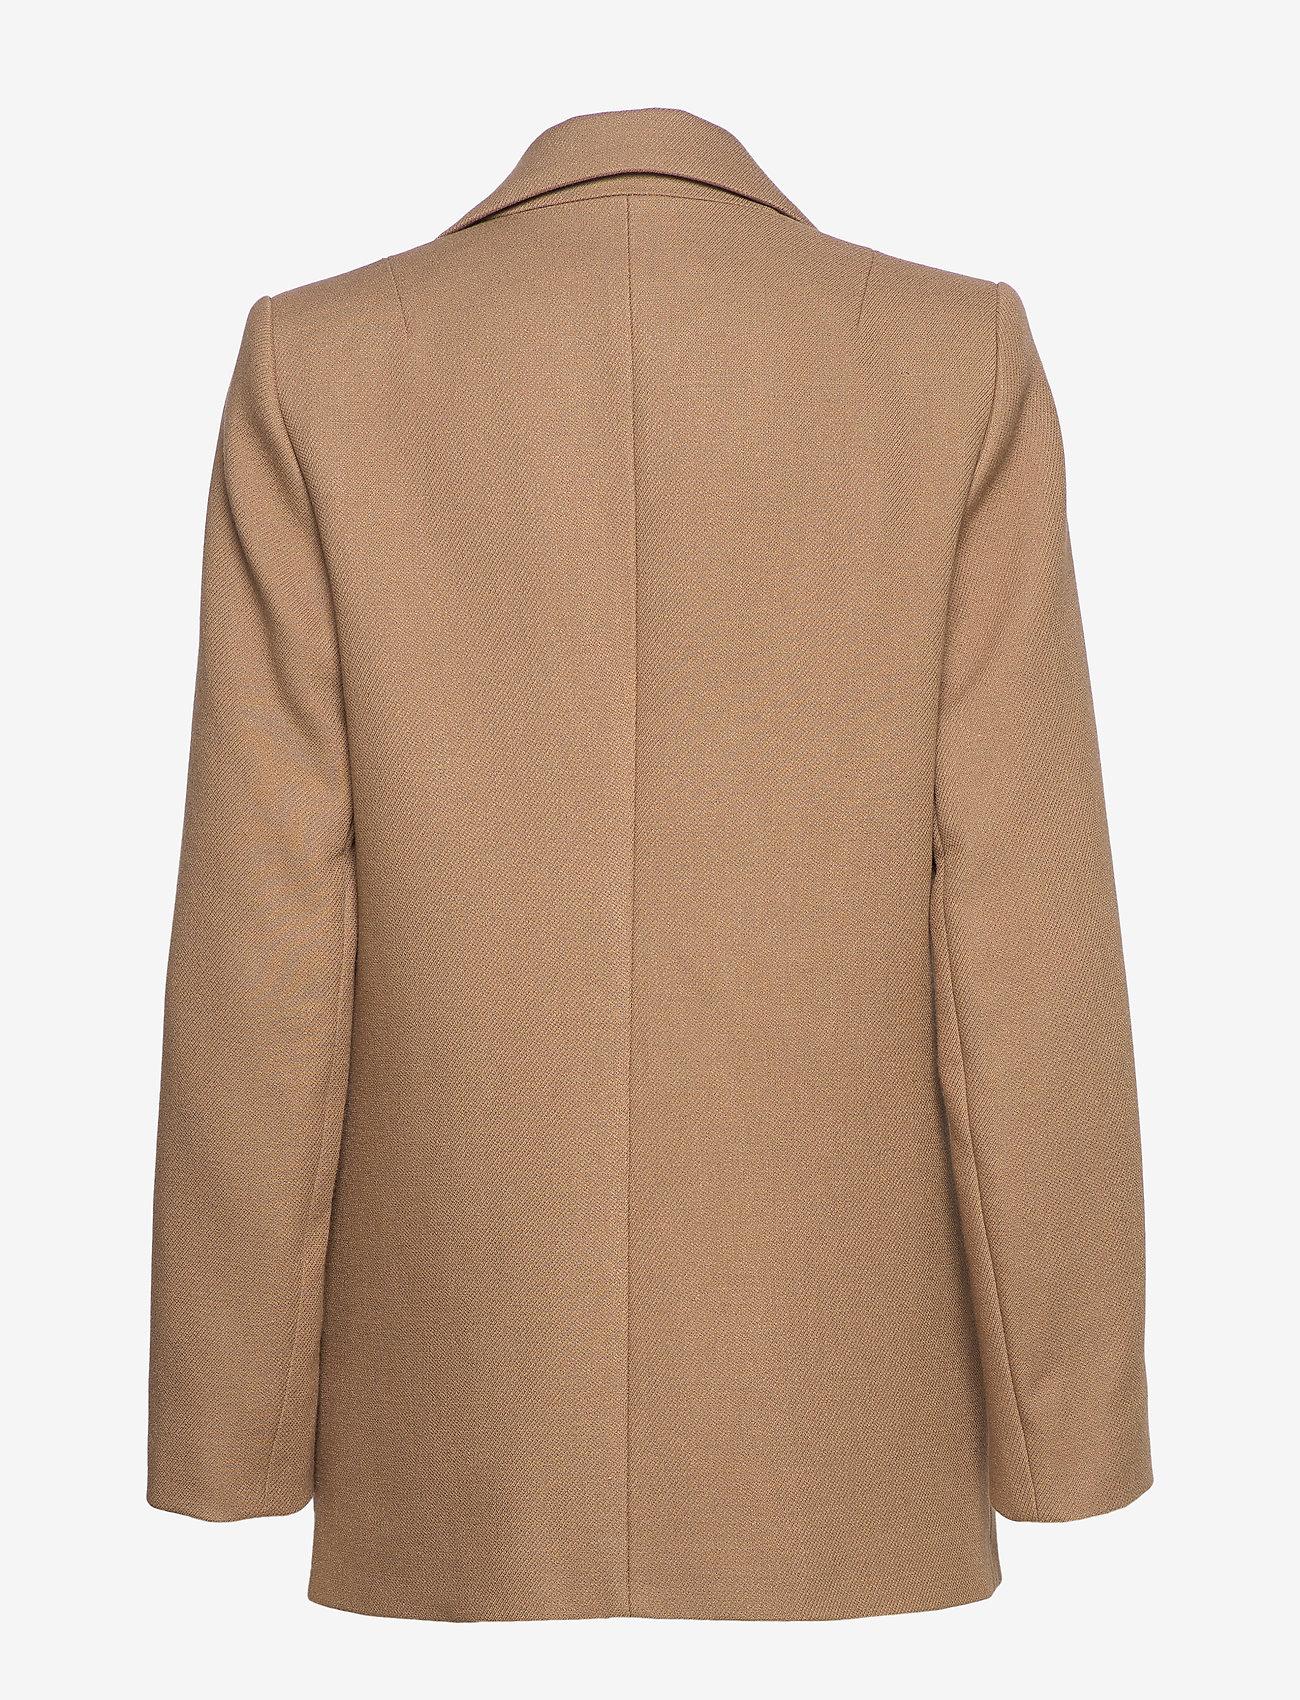 Samsøe Samsøe Maike jacket 11470 - Blazer CROISSANT - Damen Kleidung